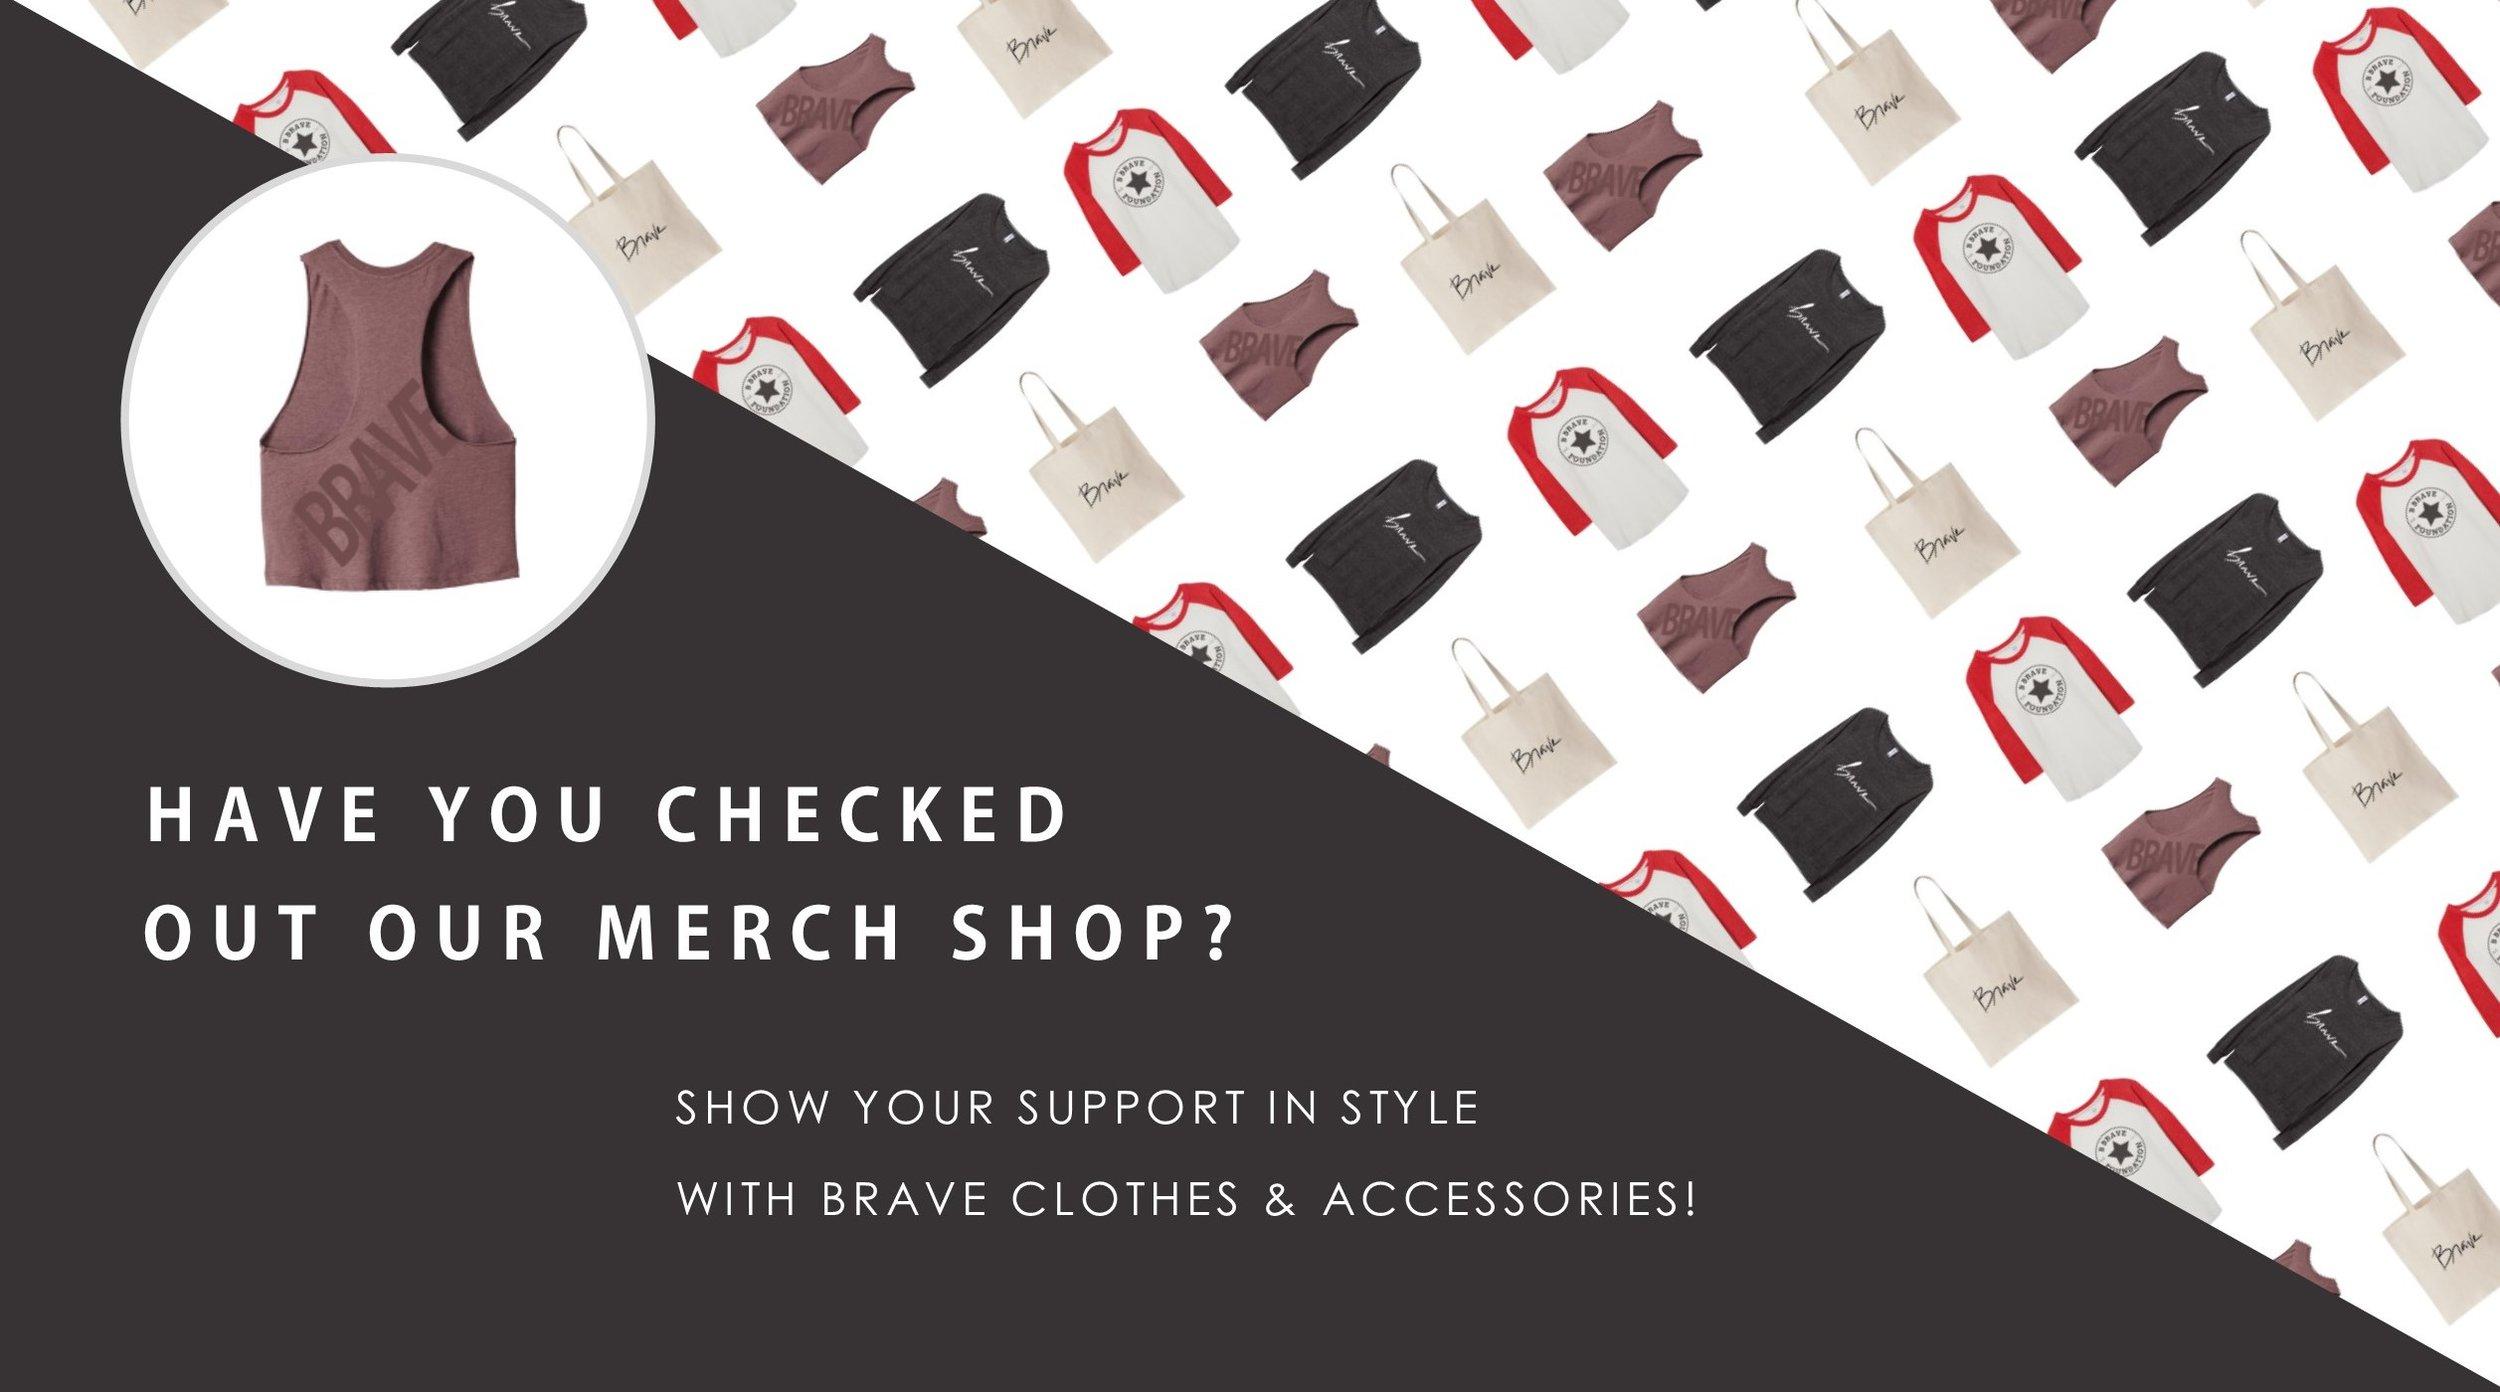 Shop B Brave merchandise